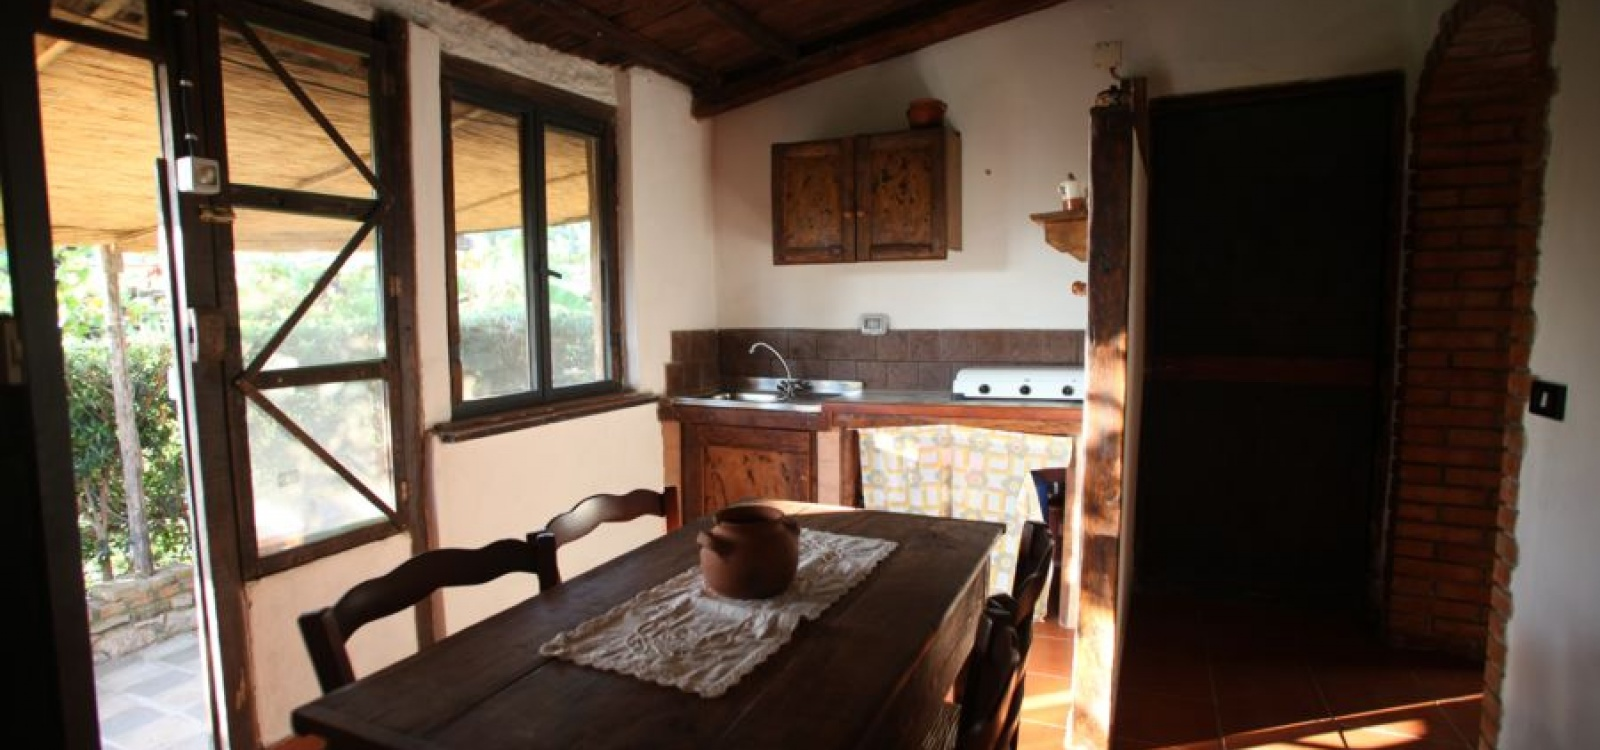 Agriturismo, Affitto per vacanze, c/da spaccio, ID Struttura 1157, brattirò, vibo valentia, Italy,